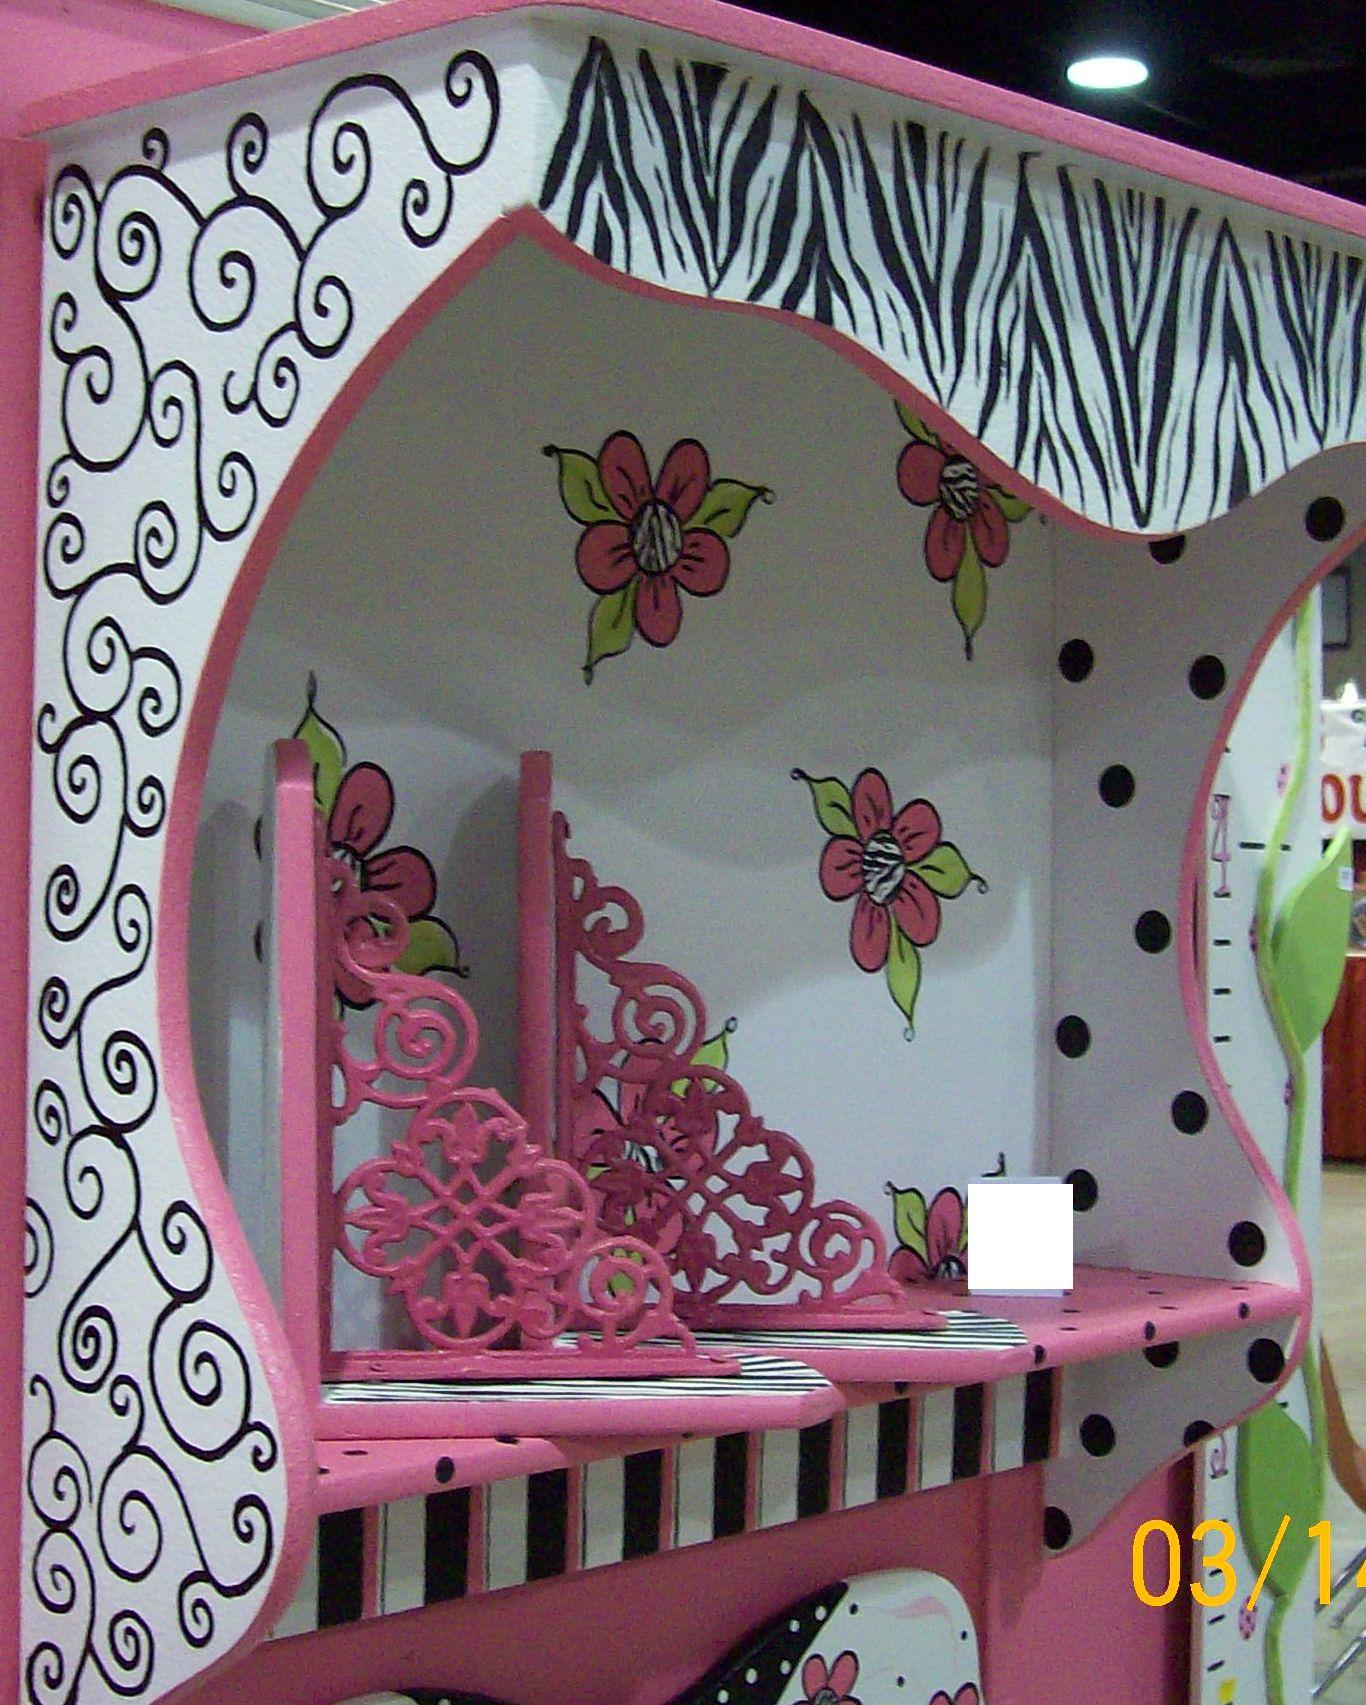 Pre teen and Tween zebra room decor ZEBRA HOT PINK DECOR